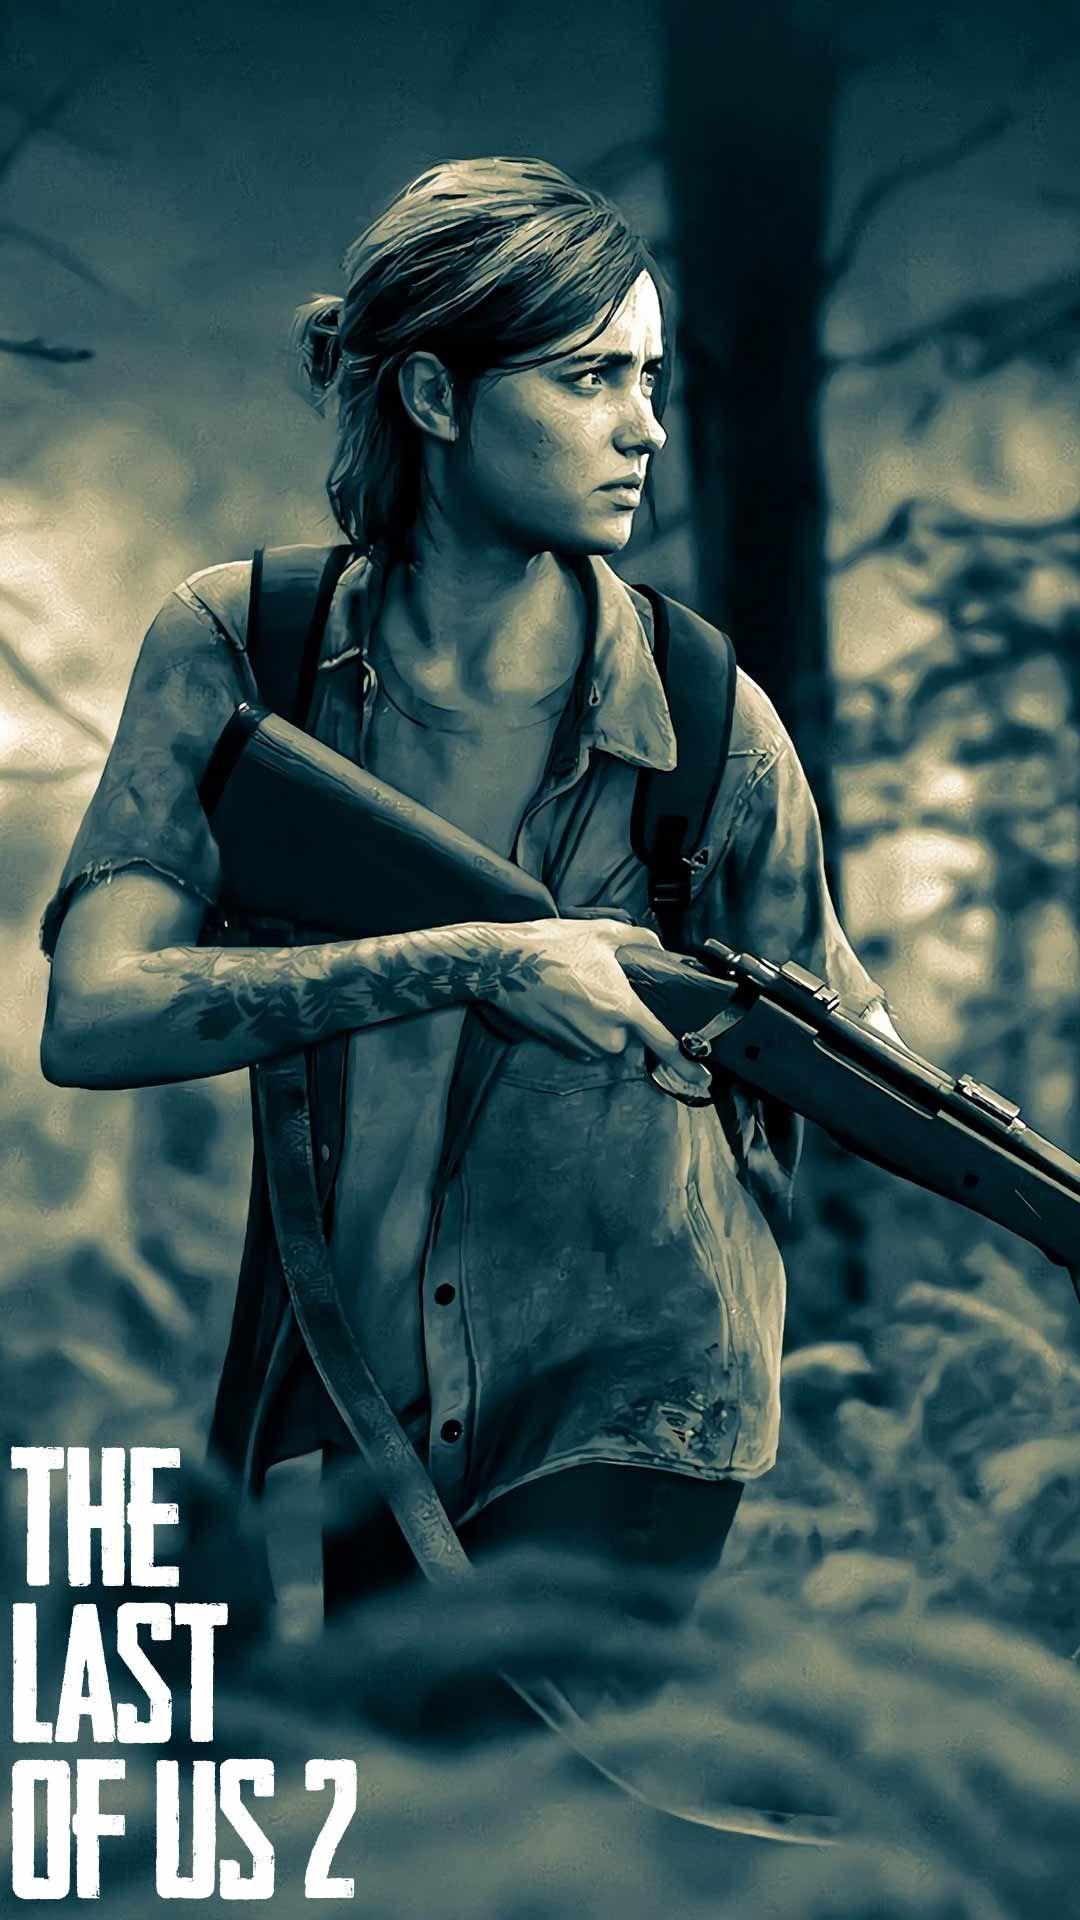 The Last Of Us Part 2 Wallpaper Hd Phone Backgrounds Ps4 Game Art Poster On Iphone Android Em 2020 Papeis De Parede De Jogos Arte De Jogos Desenhos Profissionais